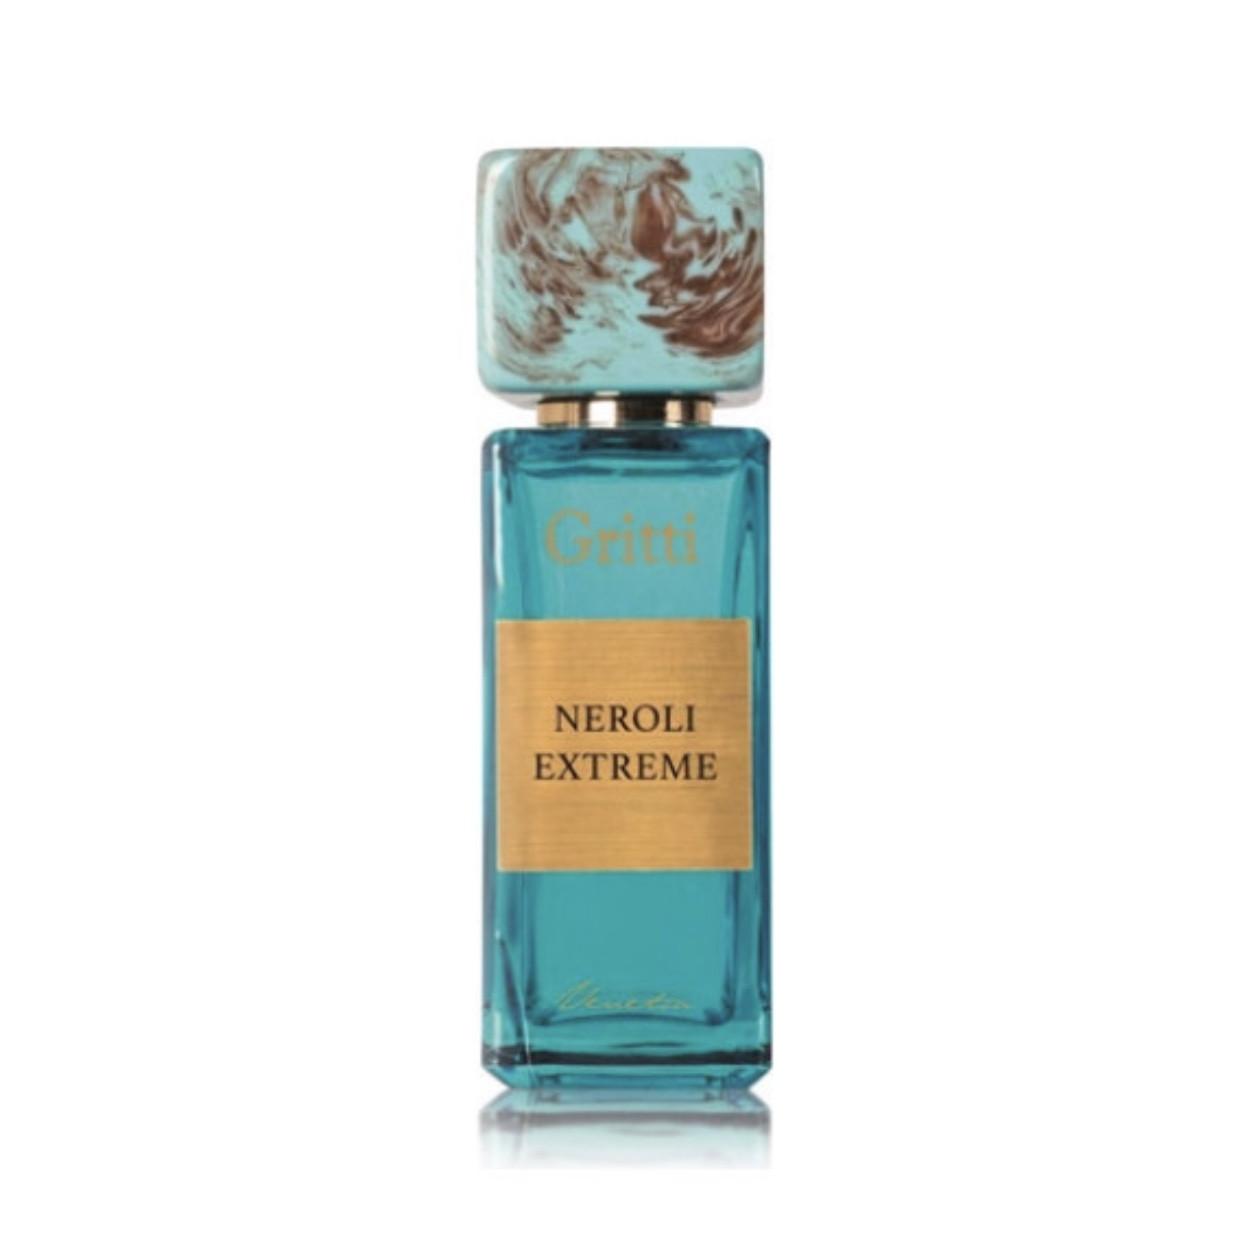 Цитрусовые духи с амброй унисекс GRITTI Neroli Extreme (Гритти Нероли Экстрим) парфюмированная вода - 100ml